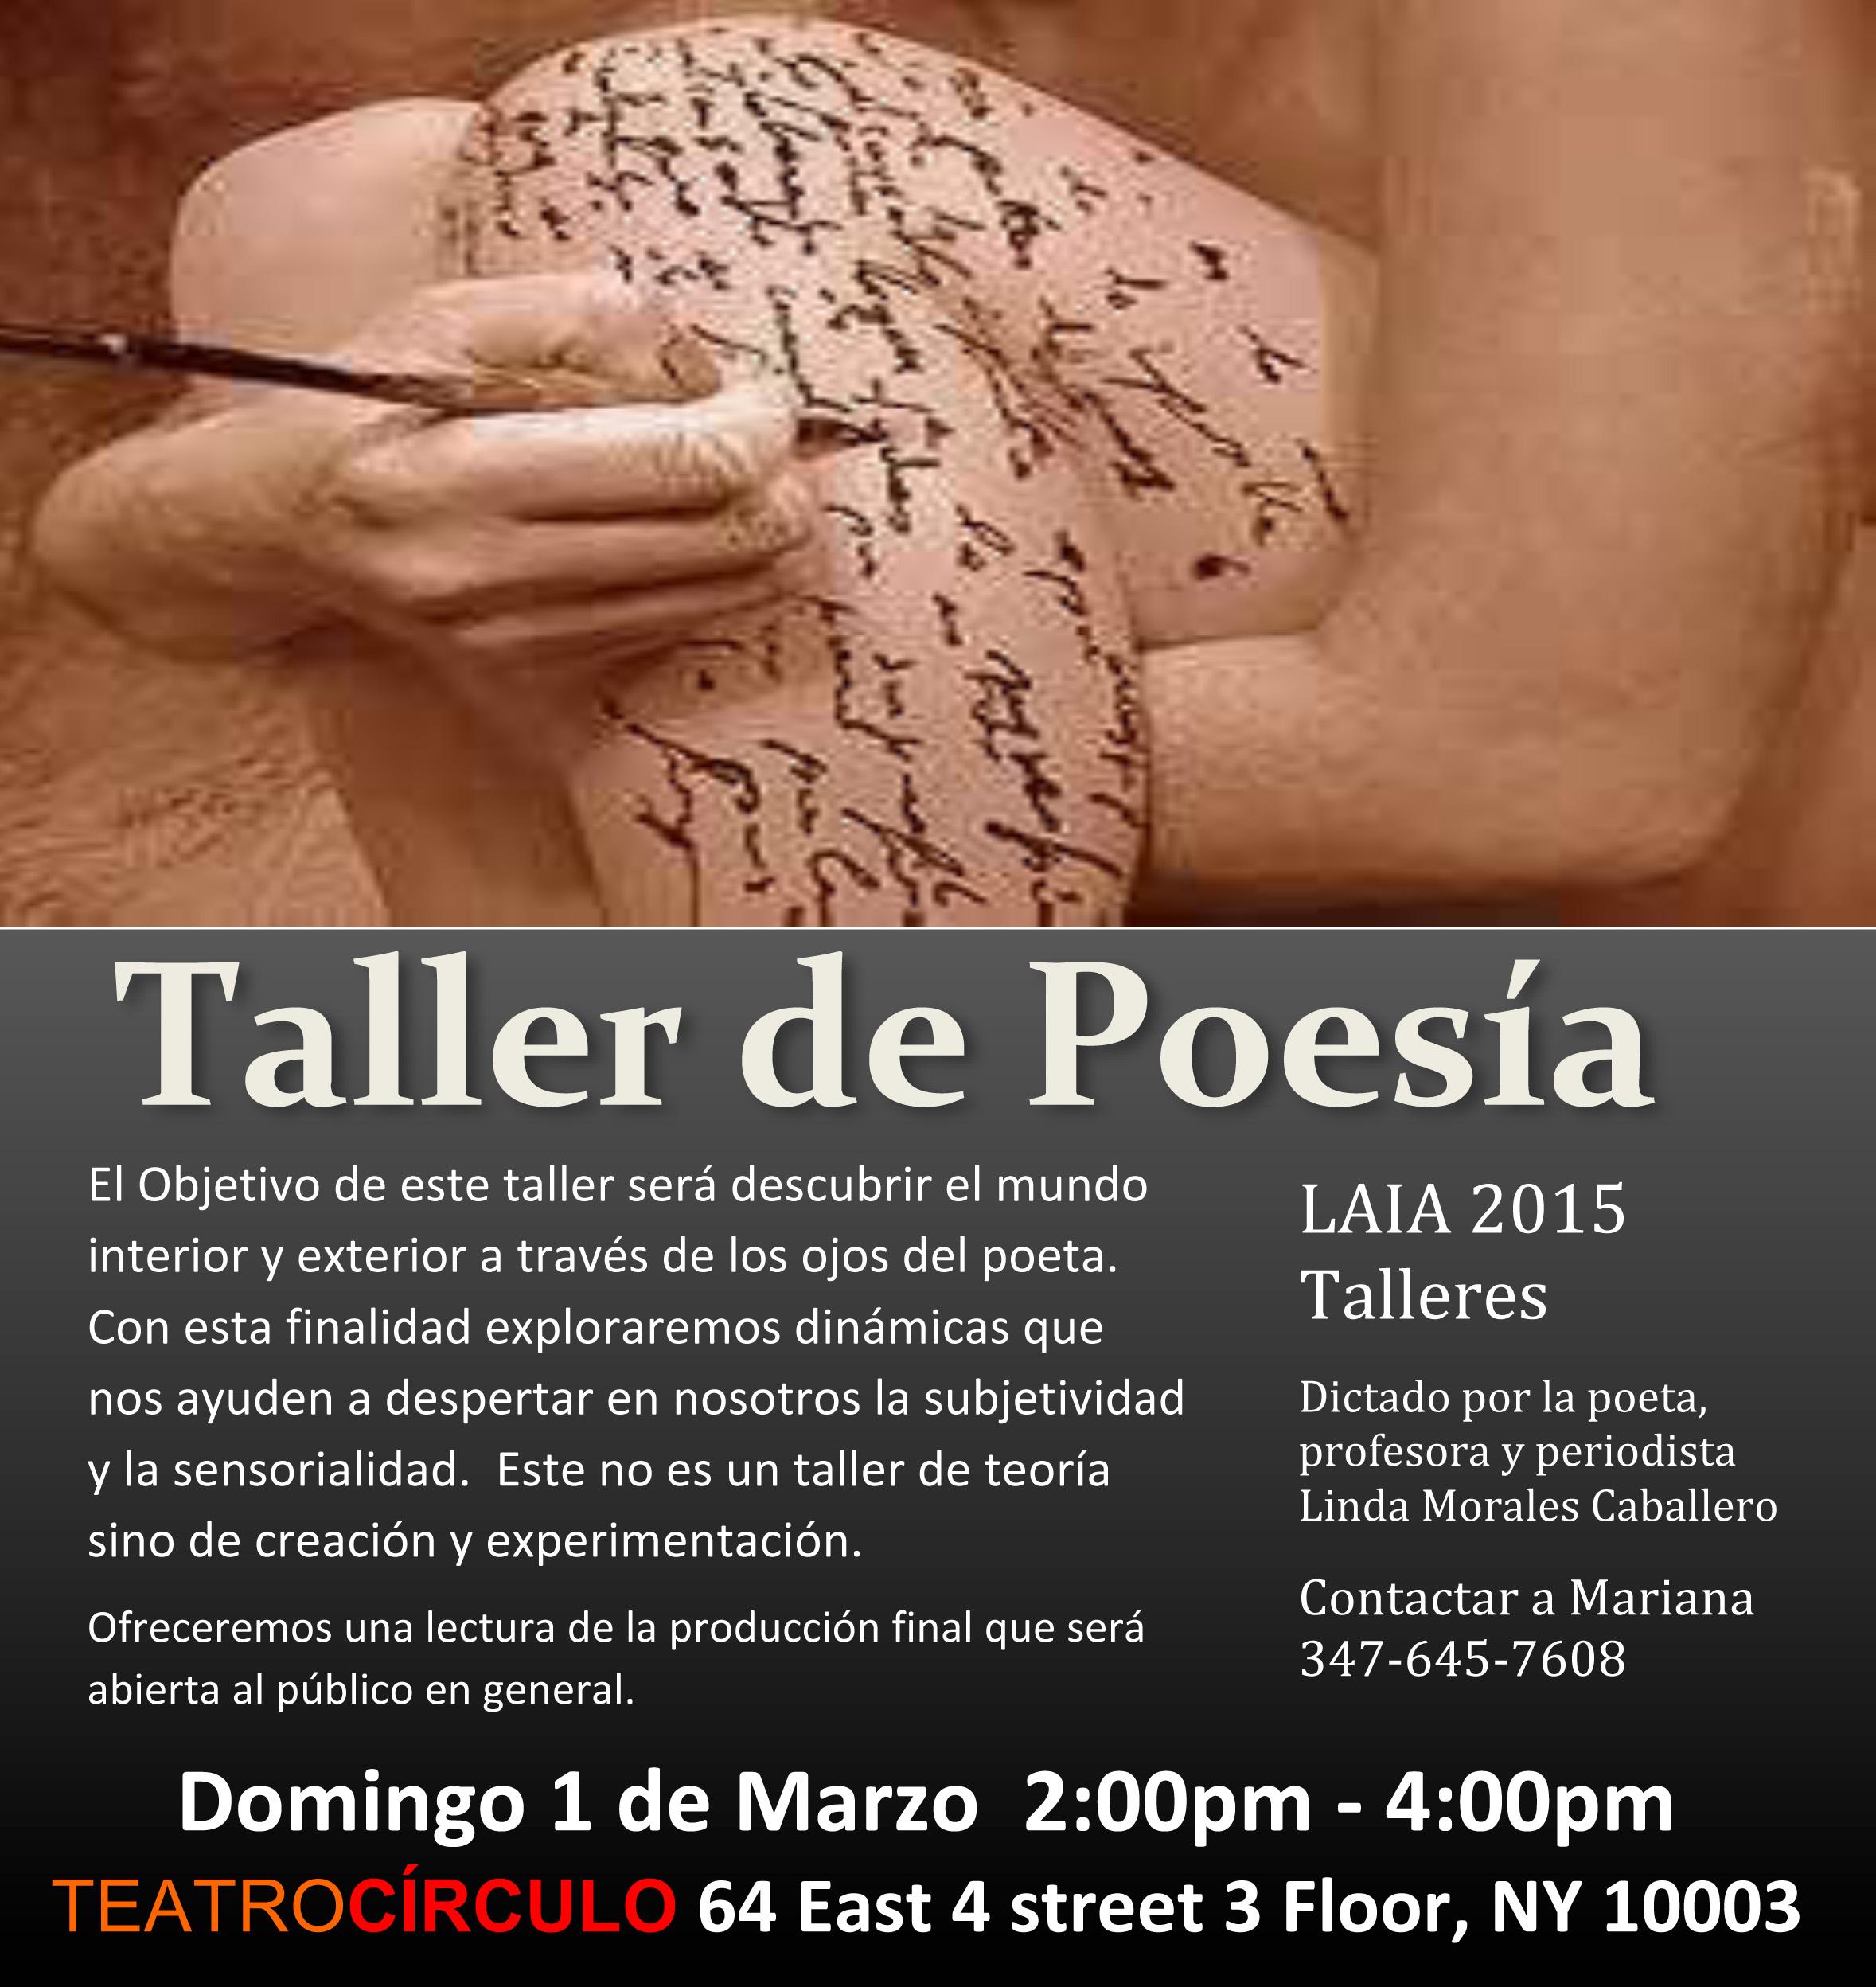 Taller de poesía de Linda Morales Caballero